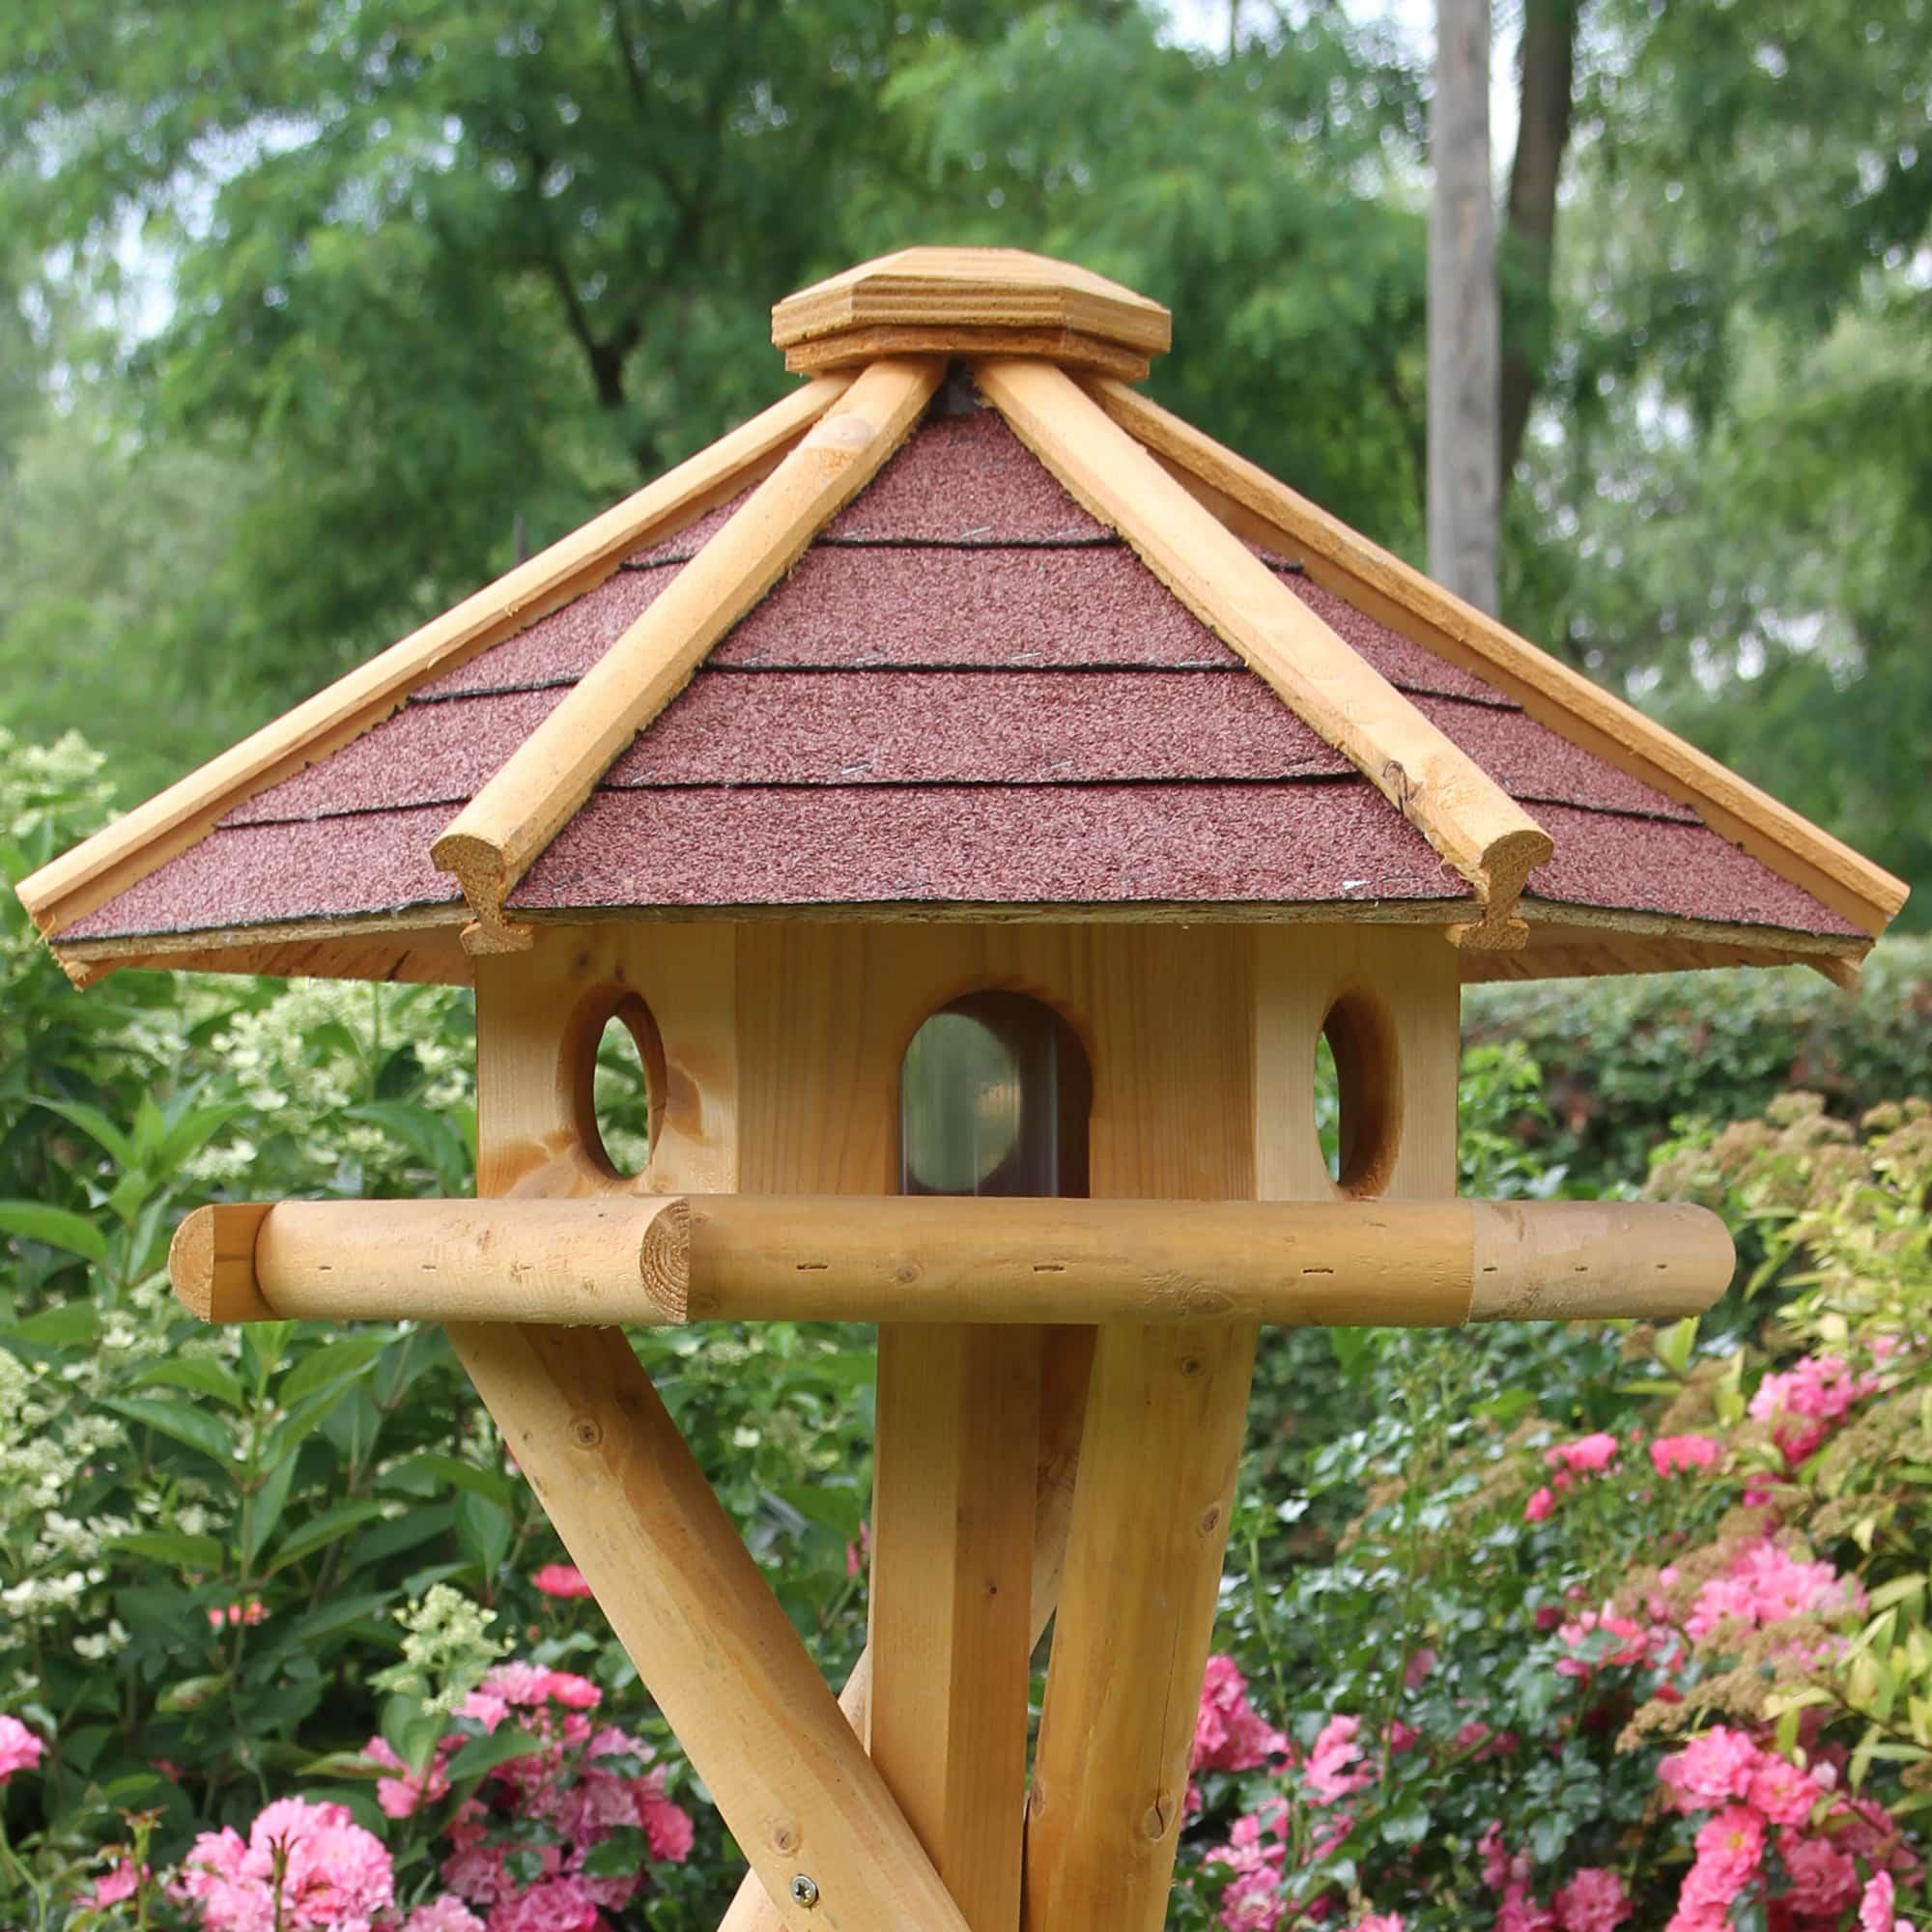 vogelhaus 39 partenkirchen 39 ohne st nder ohne st nder vogelhaus palisade 39 partenkirchen. Black Bedroom Furniture Sets. Home Design Ideas